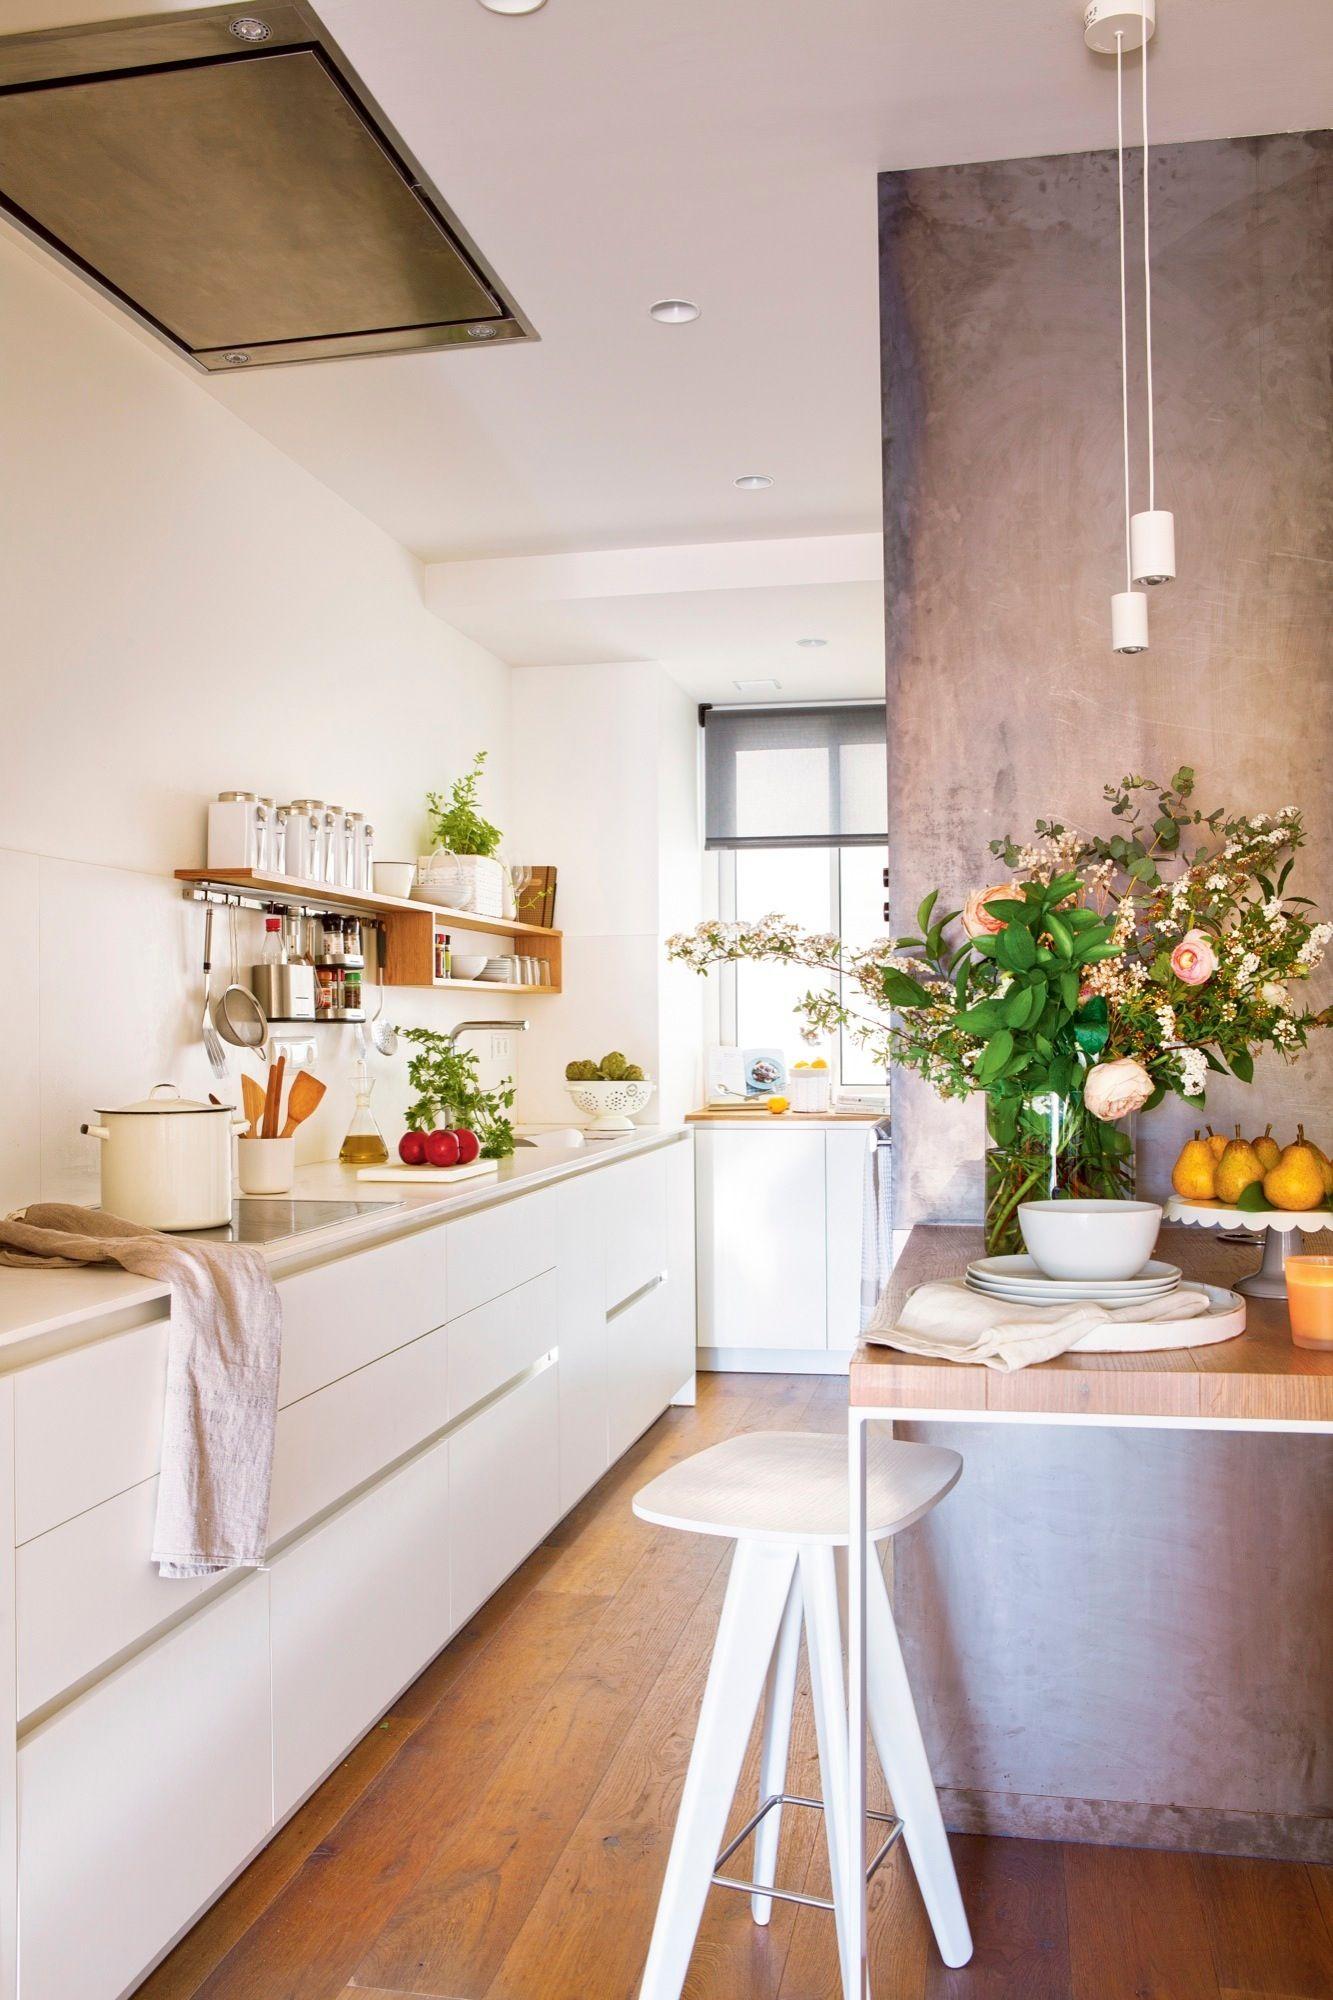 10 fotos de cocinas peque as bien aprovechadas kitchen - Fotos de cocinas pequenas y modernas ...